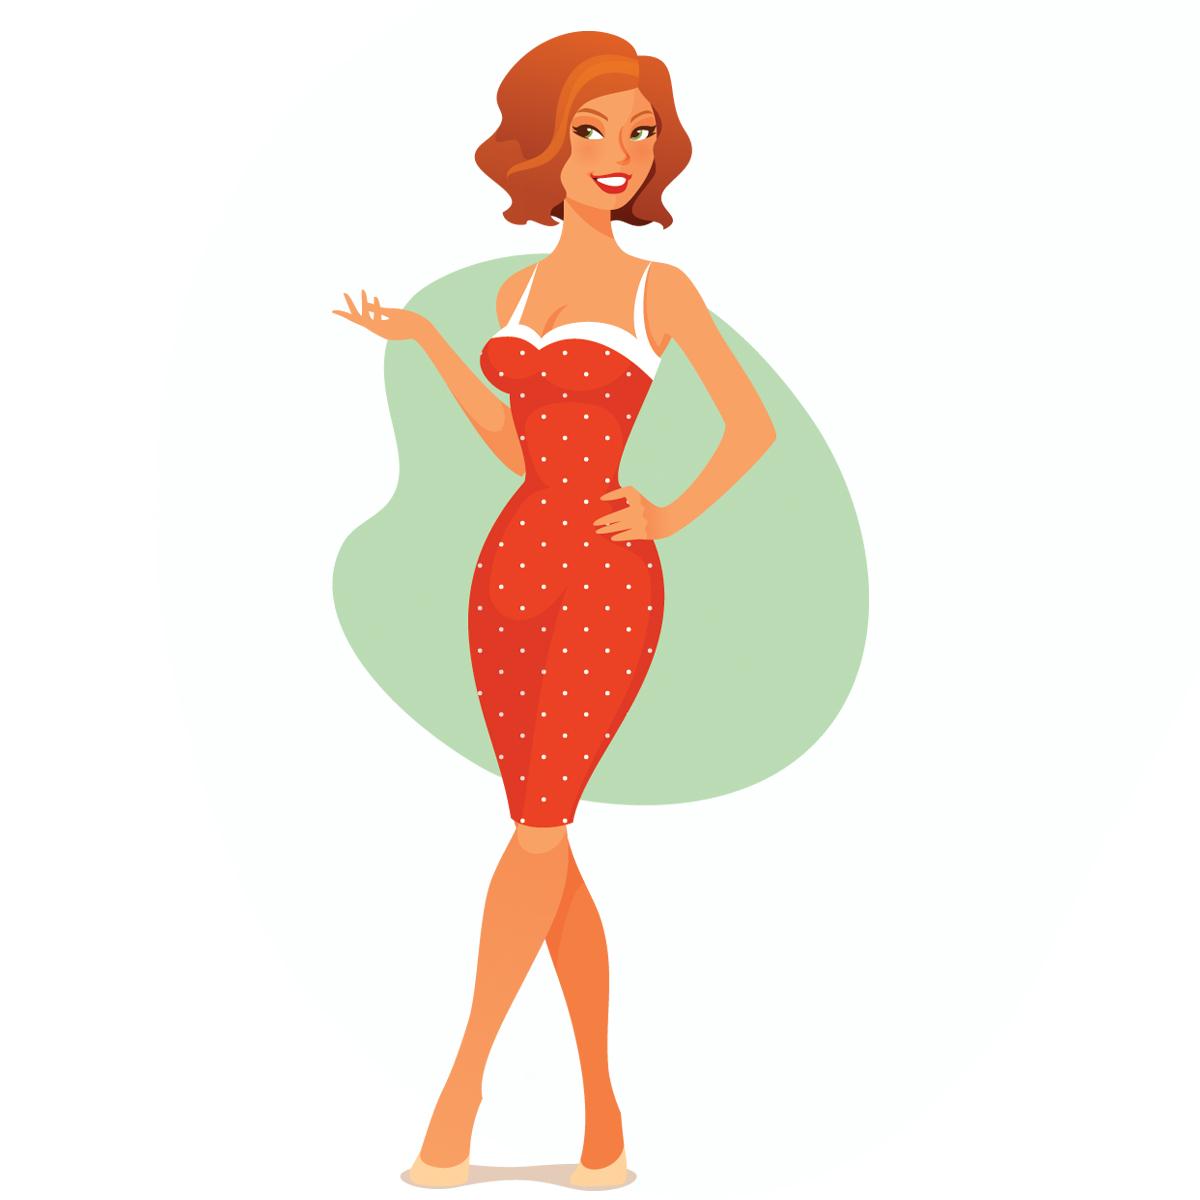 12 màu sắc trang phục tiết lộ tính cách bạn gái - 1